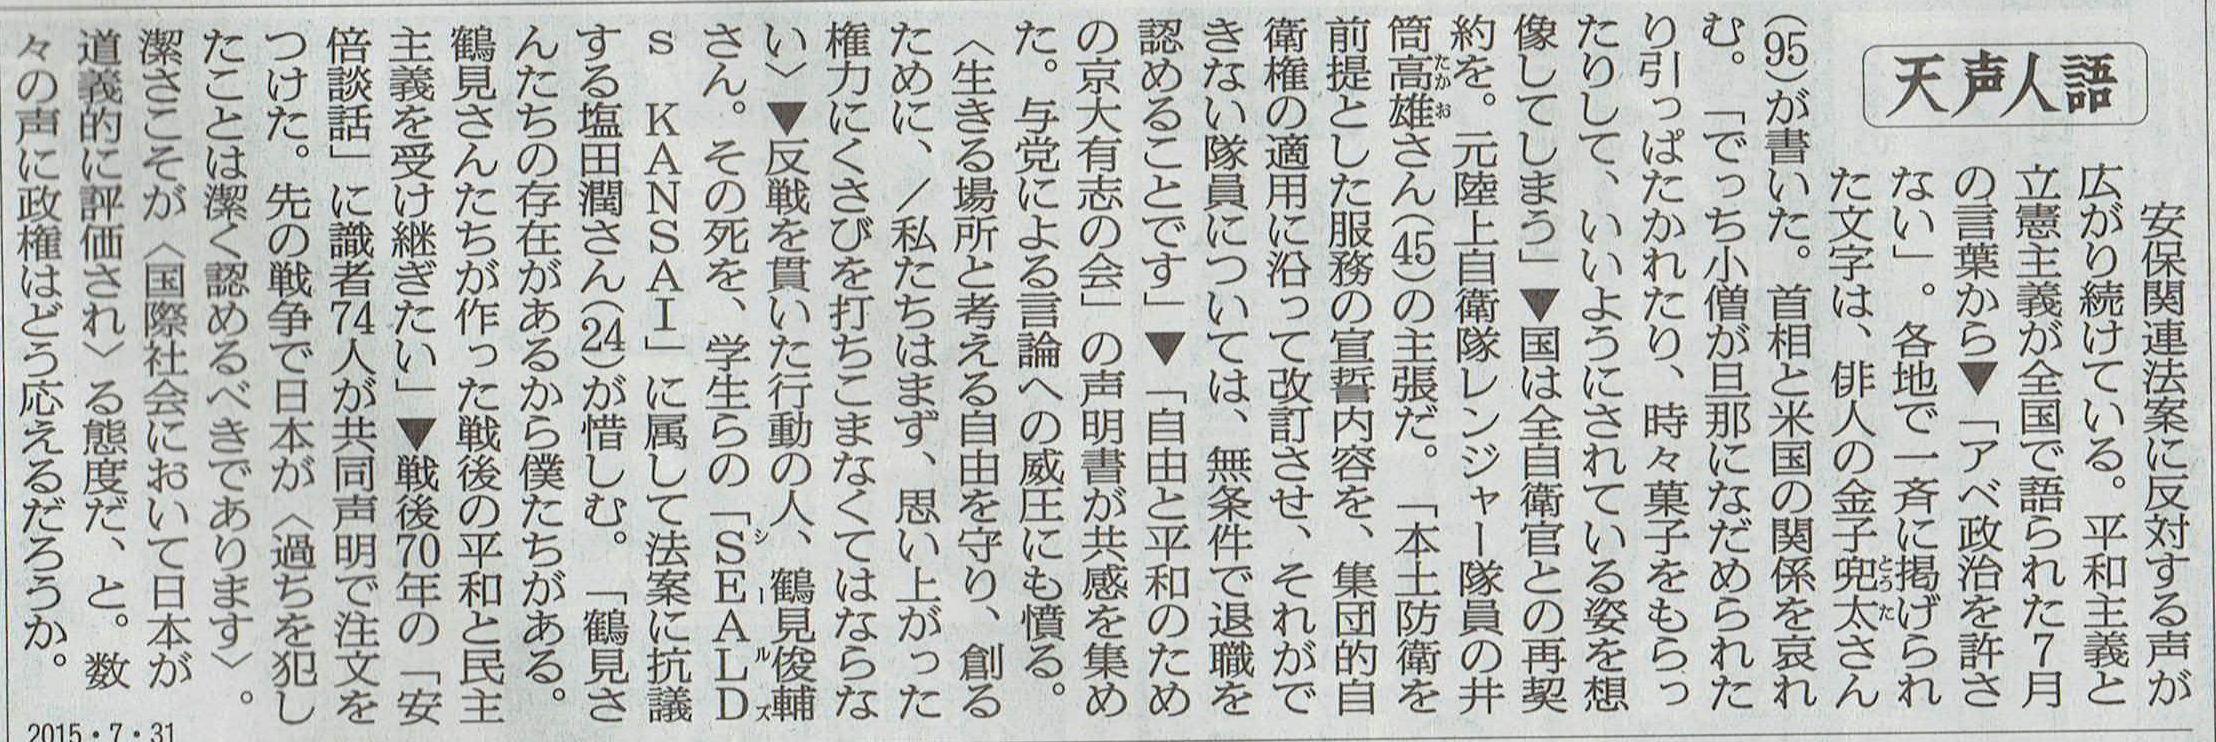 2015年7月31日 2015年乙戸町「夏祭り」  その2_d0249595_5394493.jpg